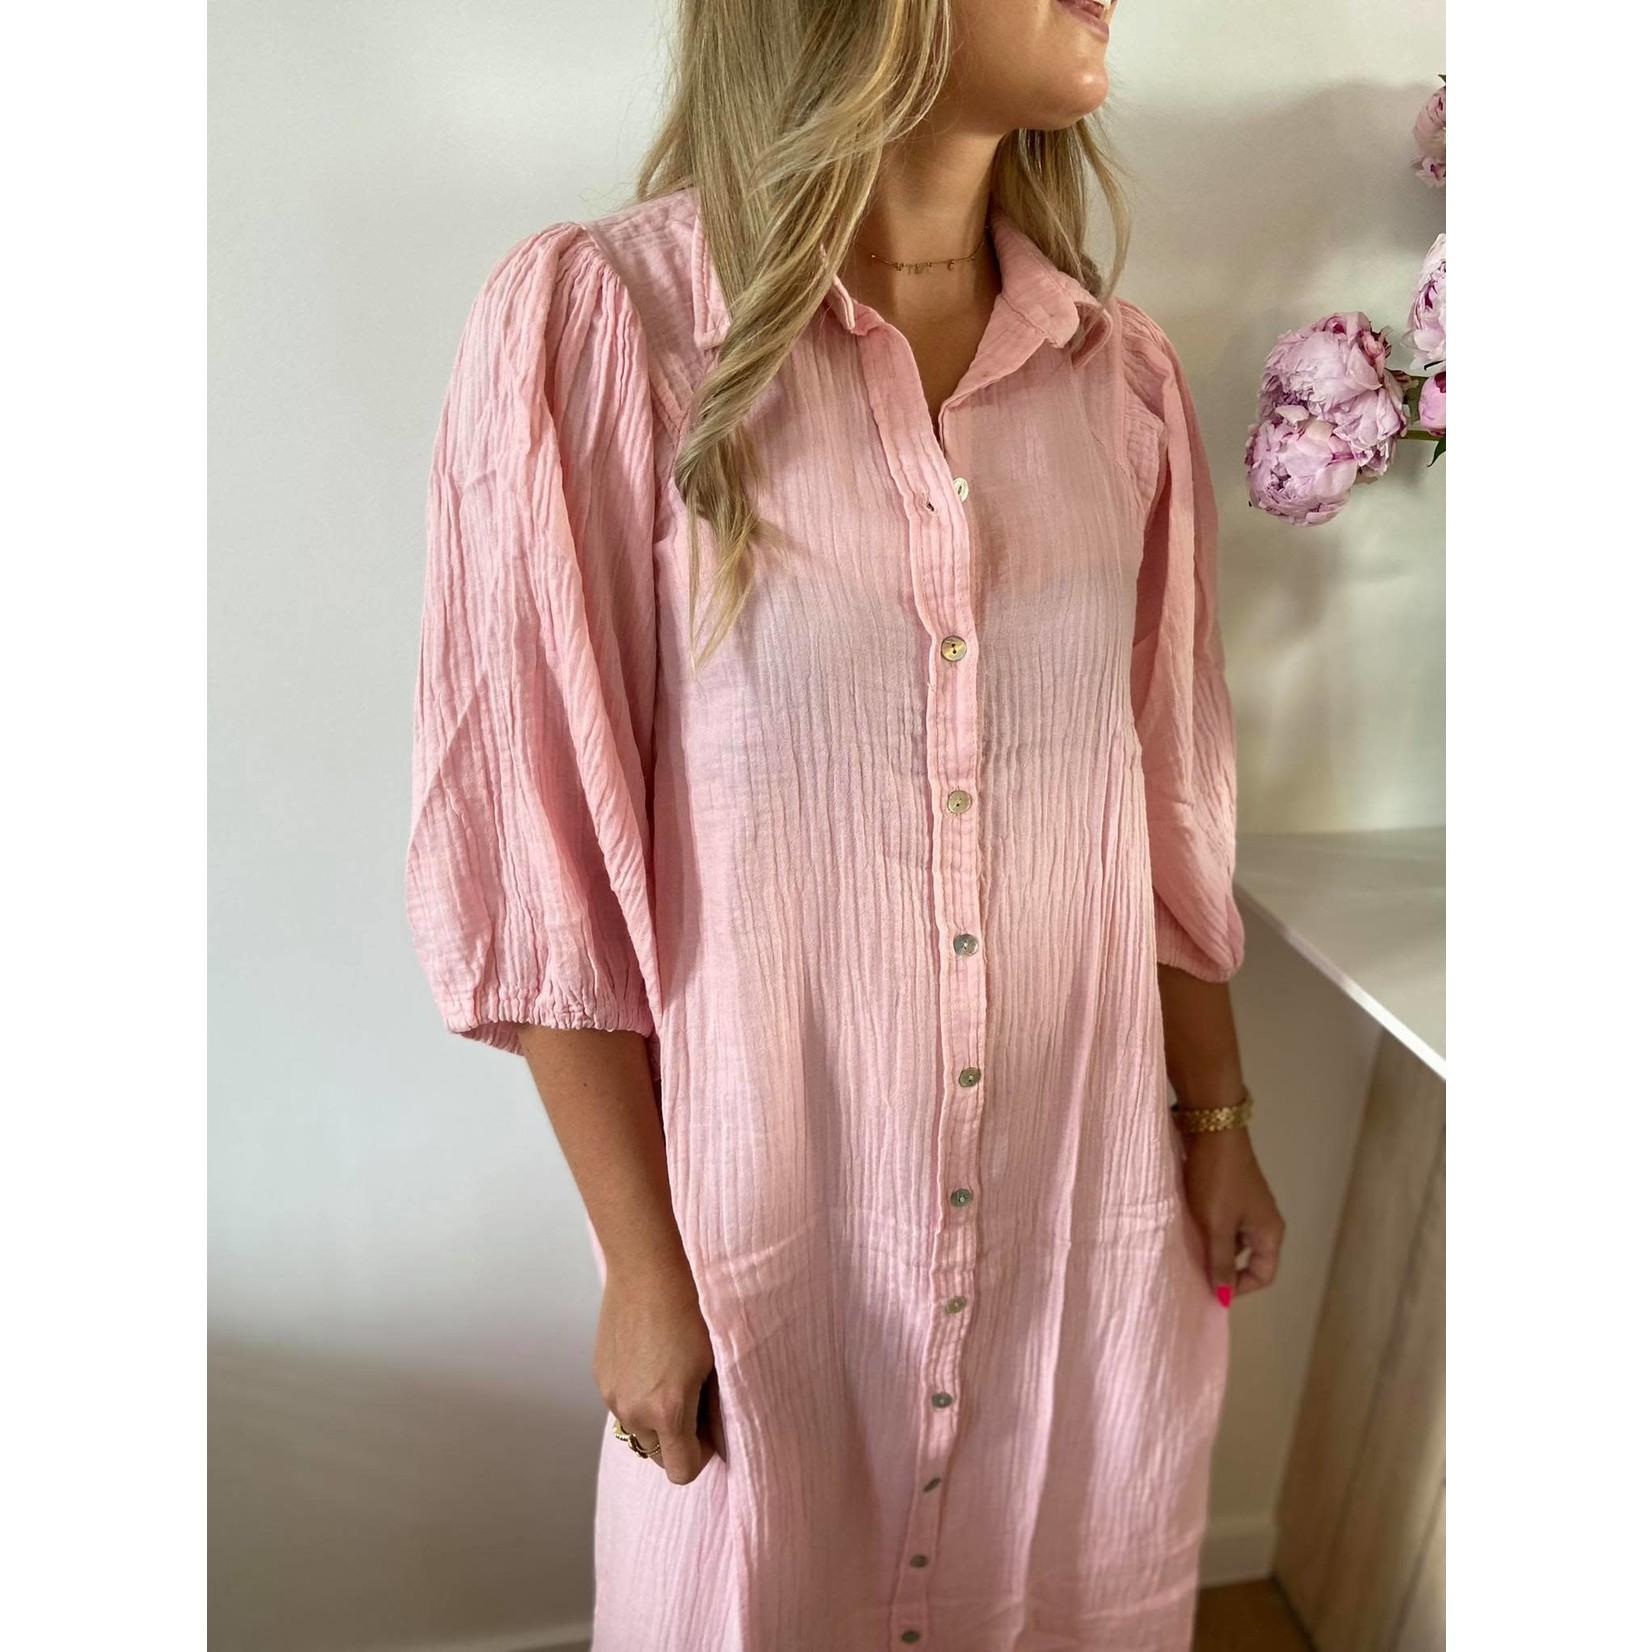 Tetra dress pink TU